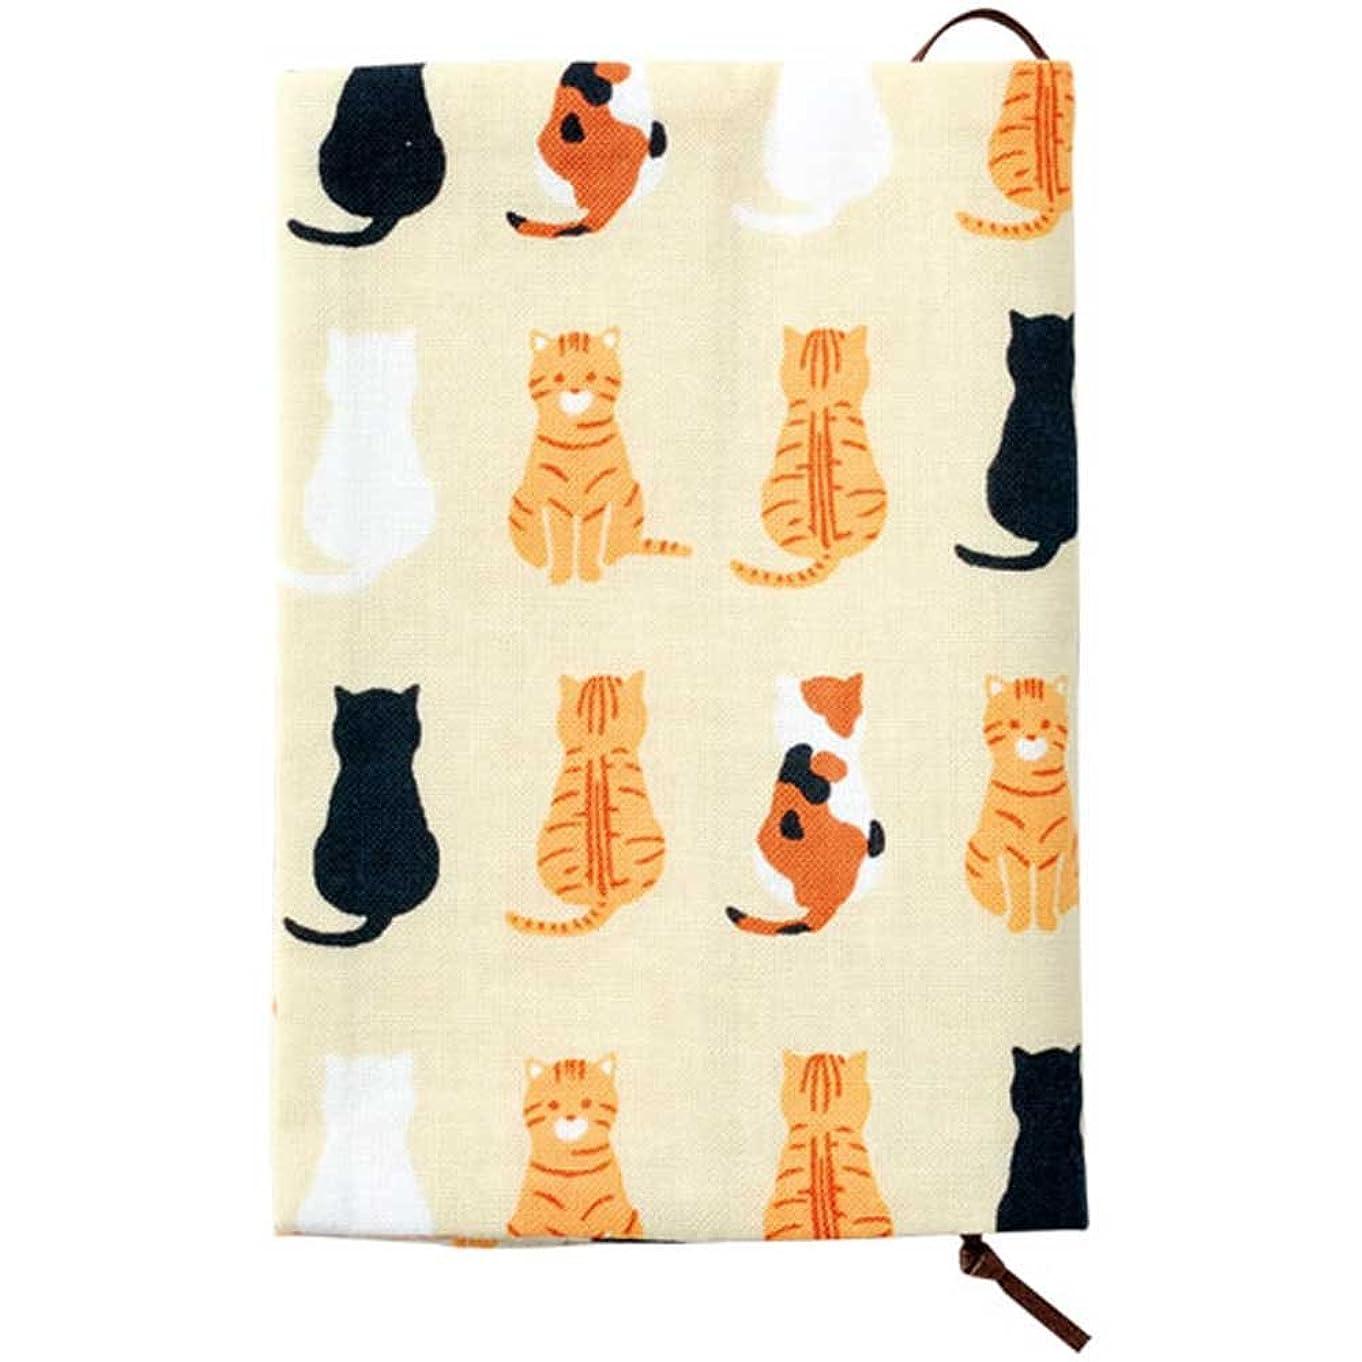 ベルベットシェードフローティング濱文様 文庫本カバー おすわり猫ならべ オフ ブックカバー